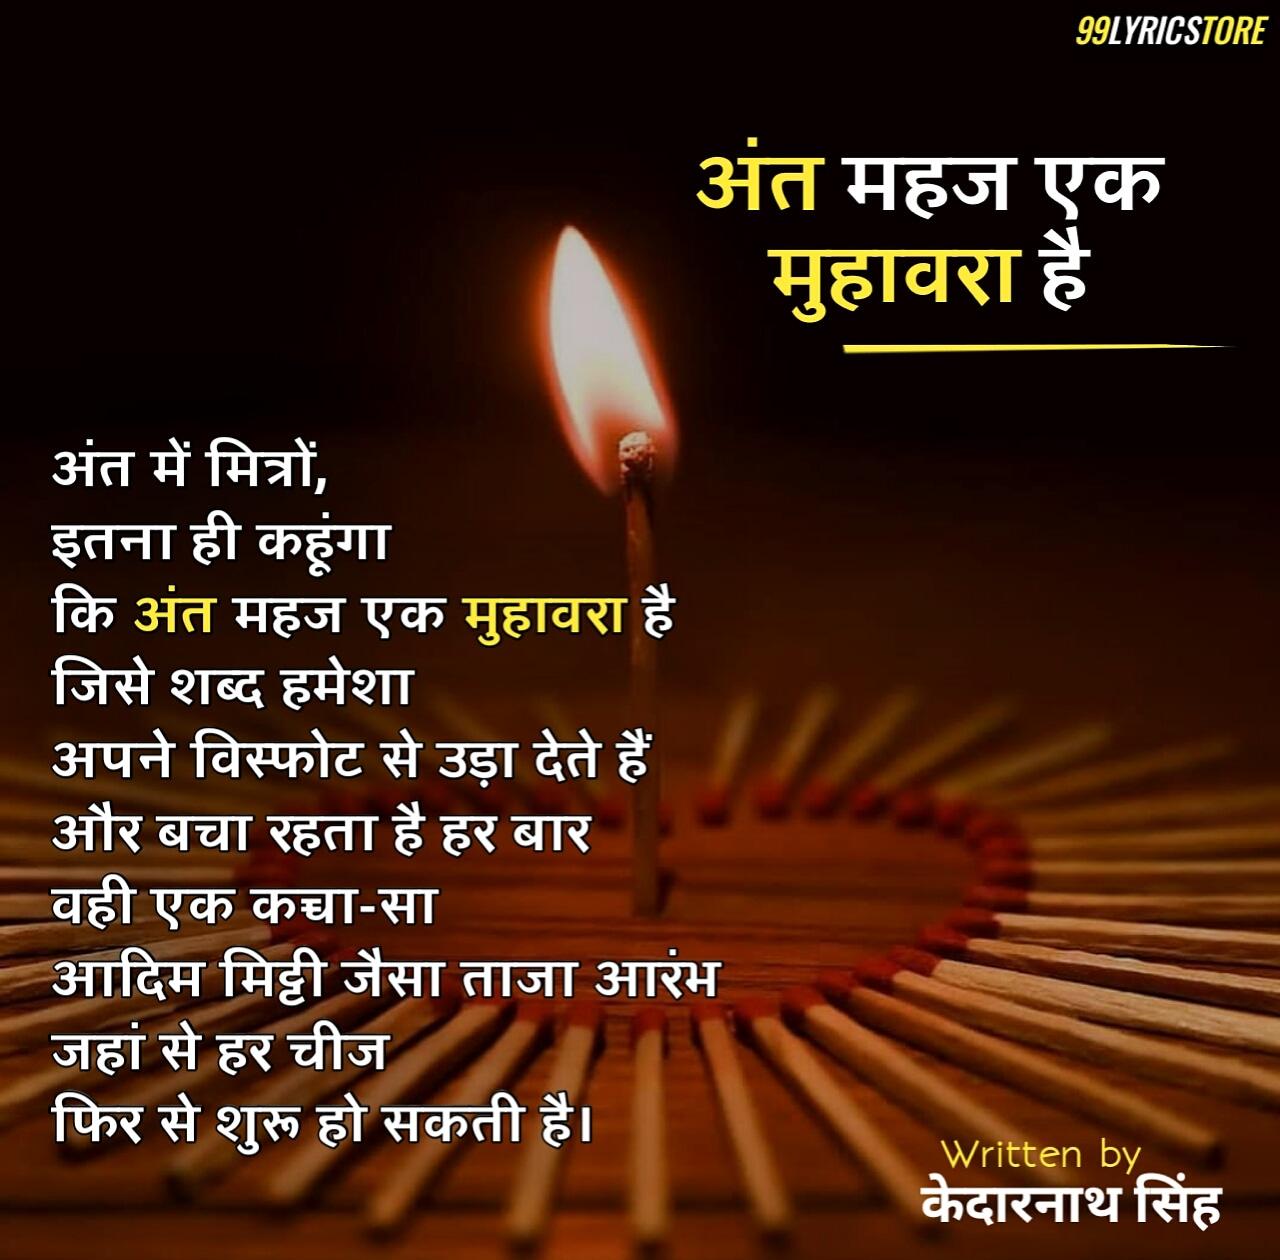 'अंत महज एक मुहावरा है' कविता केदारनाथ सिंह जी द्वारा लिखी गई एक हिन्दी कविता है। उन्होंने इस कविता में बताया है कि अंत कभी अंत नहीं होता है, अंत का मतलब आरंभ होना है।